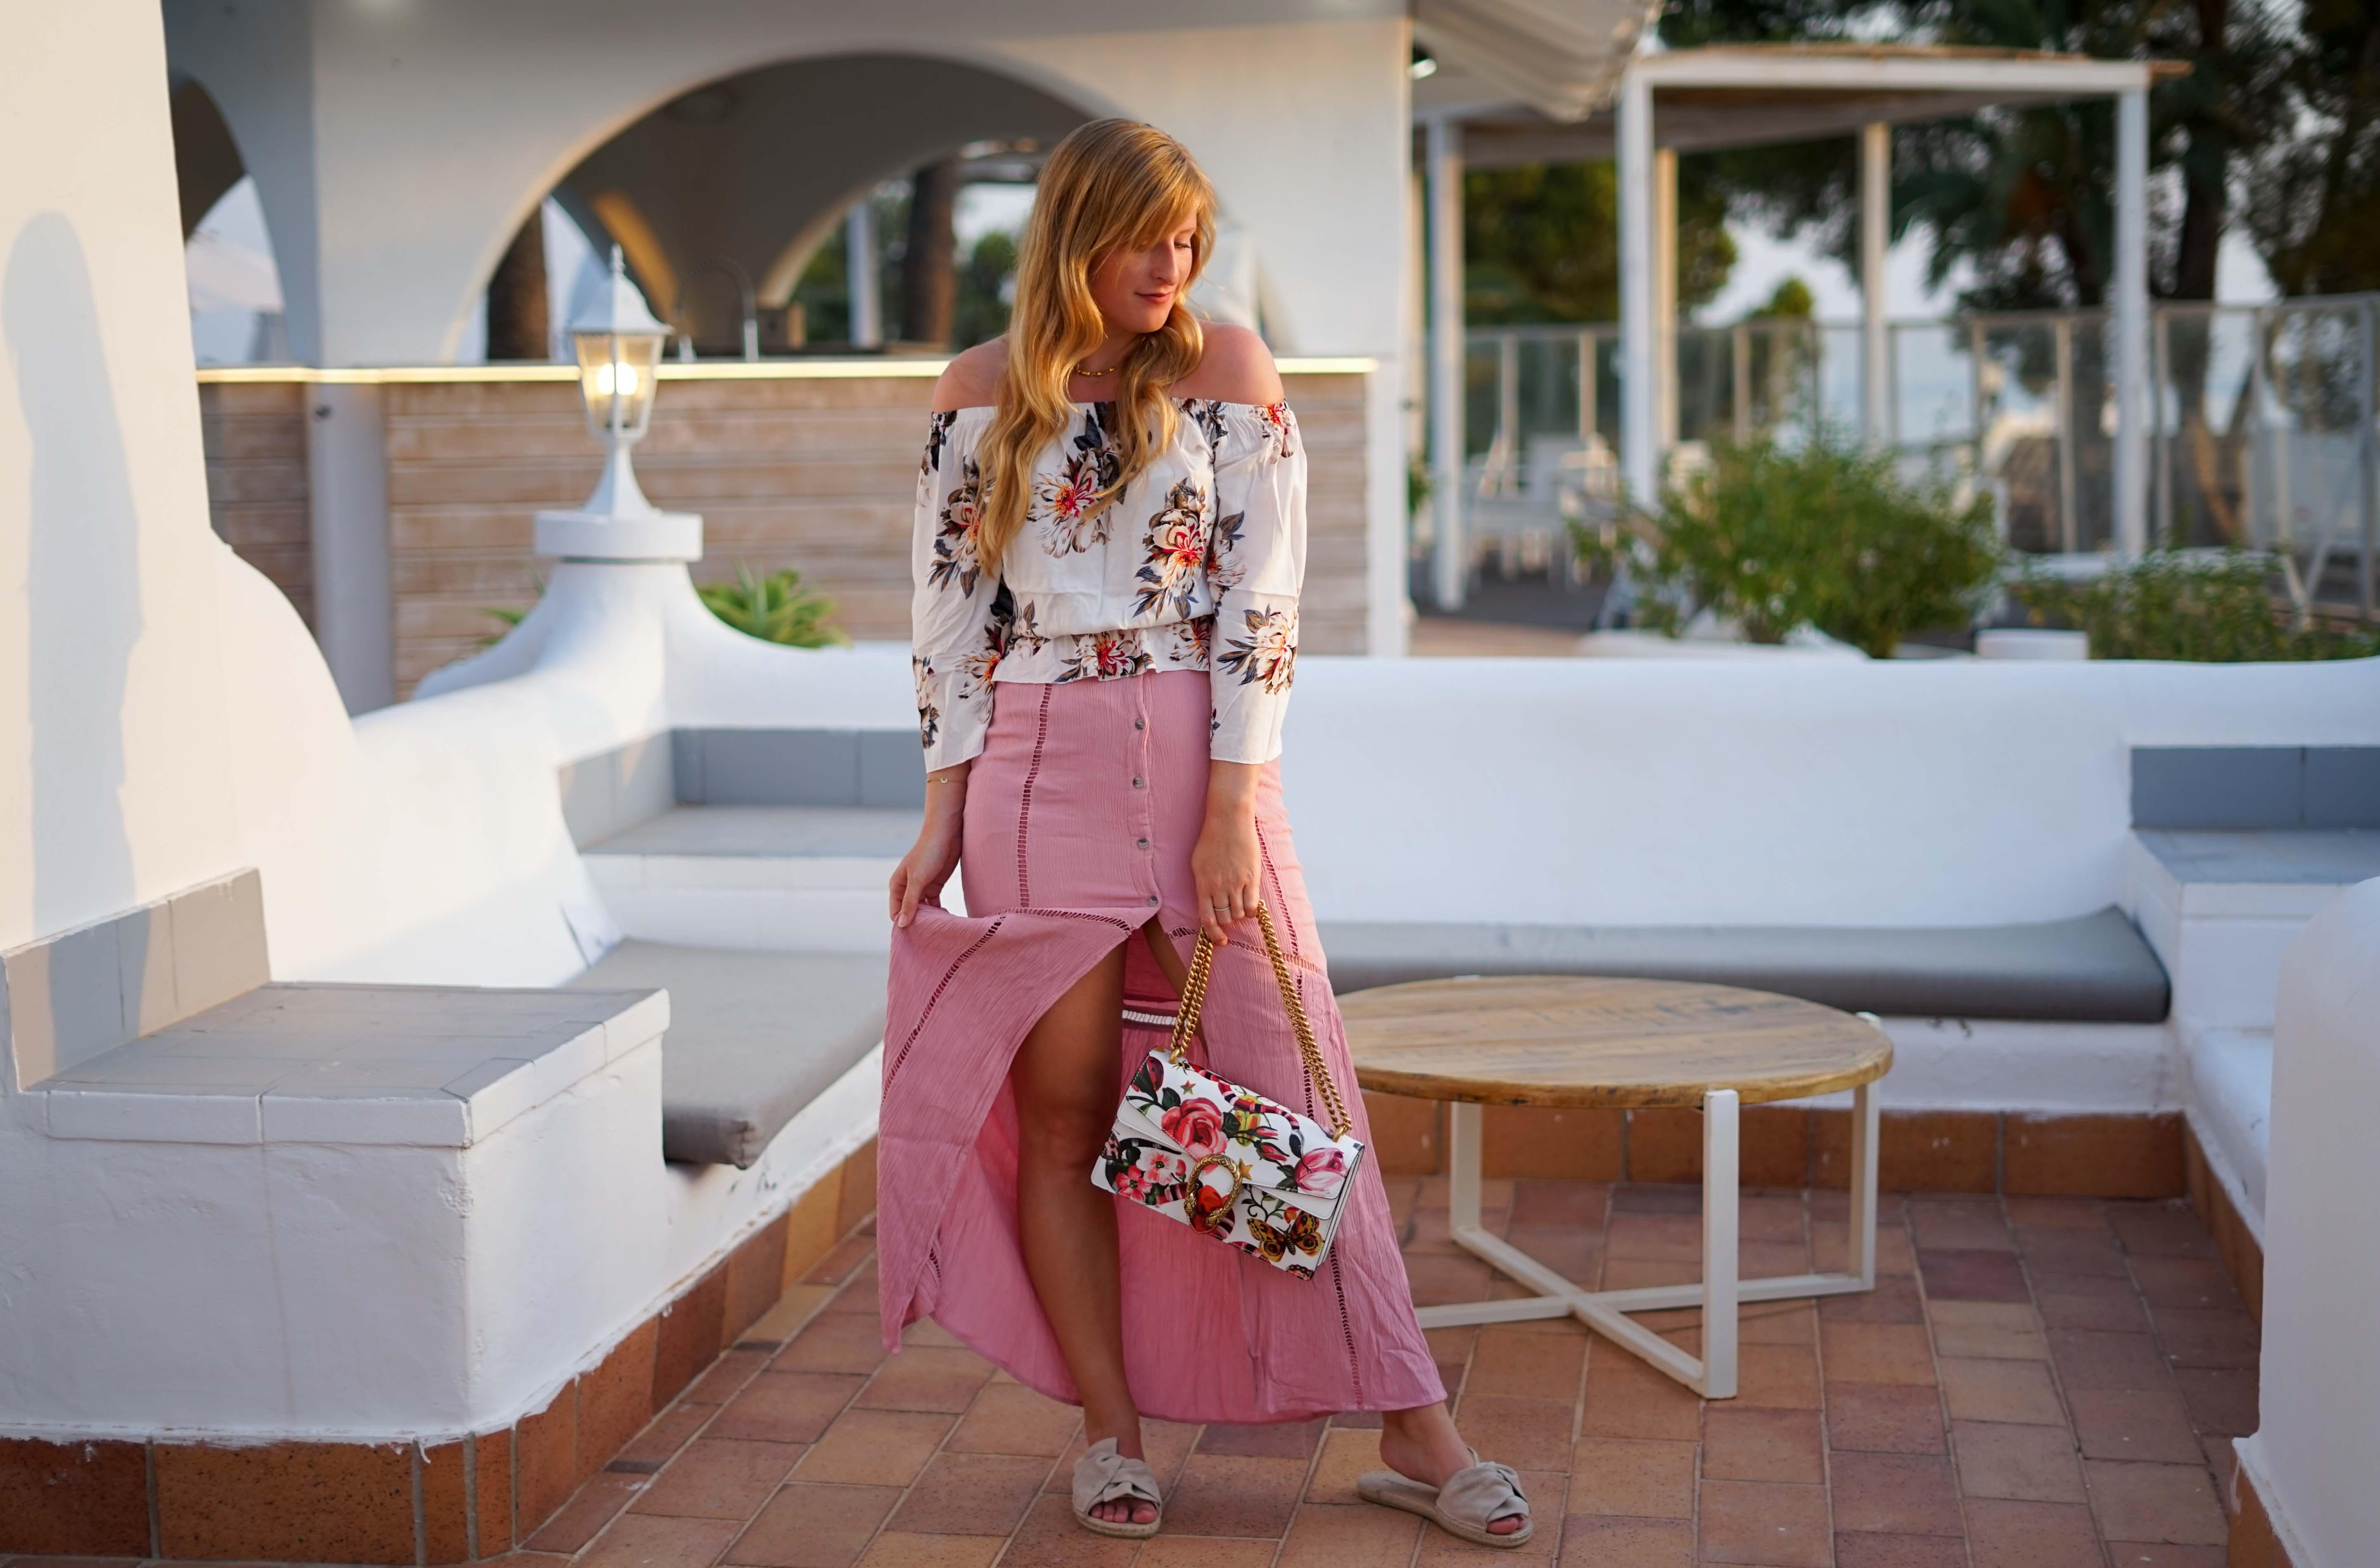 Rosa Maxirock Floral-Top goldene Accessoires Schmuck michael Kors Kette Kreolen Mallorca Golden Hour Sommerlook Urlaubsoutfit 92